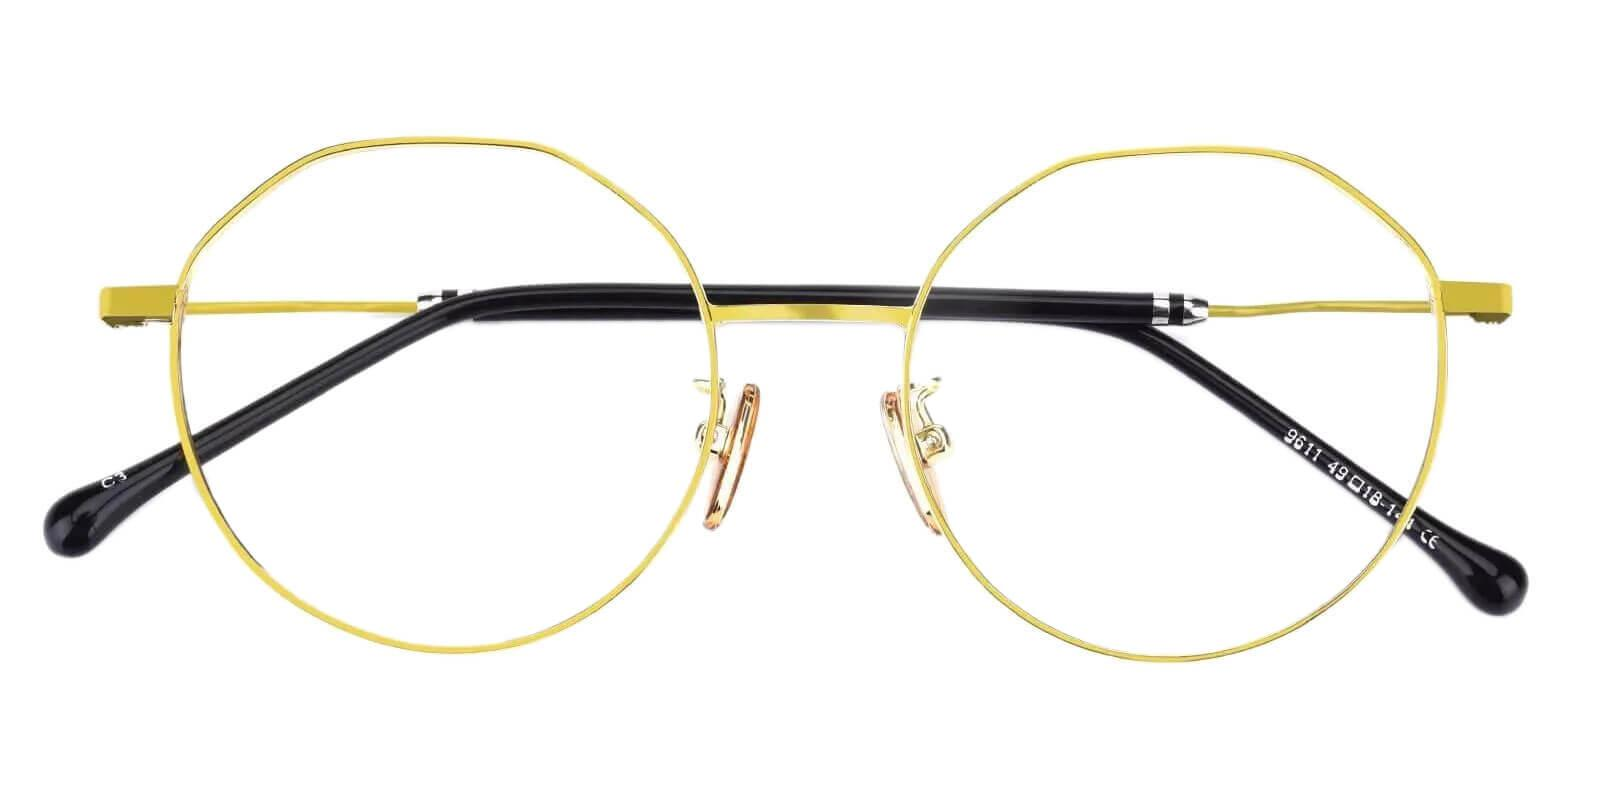 Kawk Gold Metal Eyeglasses , NosePads Frames from ABBE Glasses